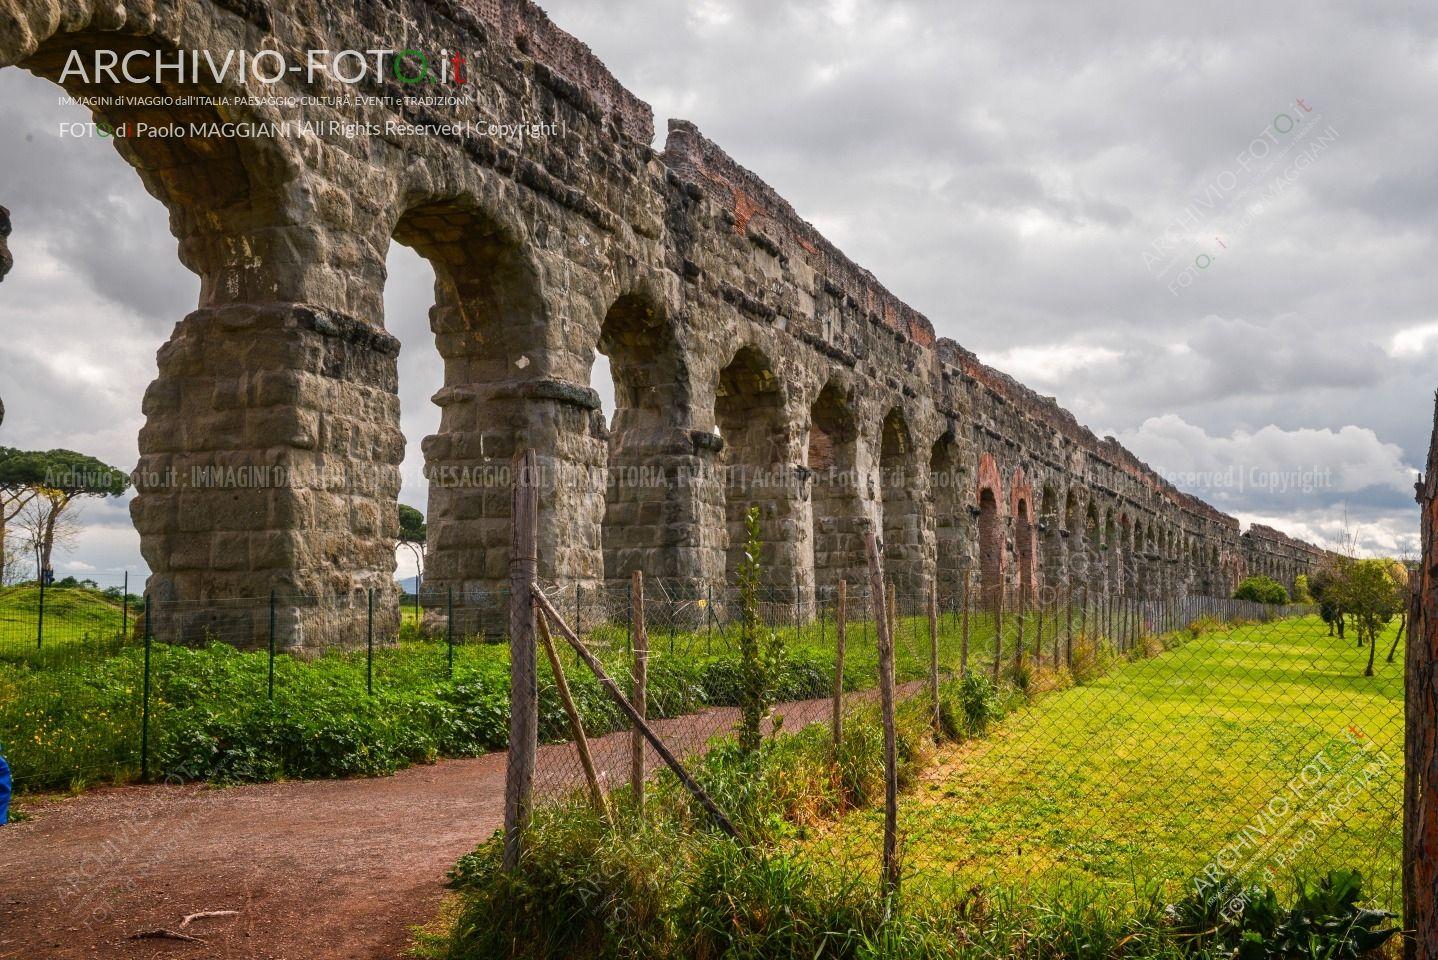 178ND61019P_MAG_3750_Paolo-Maggiani_07042019_Acquedotto-Parco-degli-acquedotti-Roma